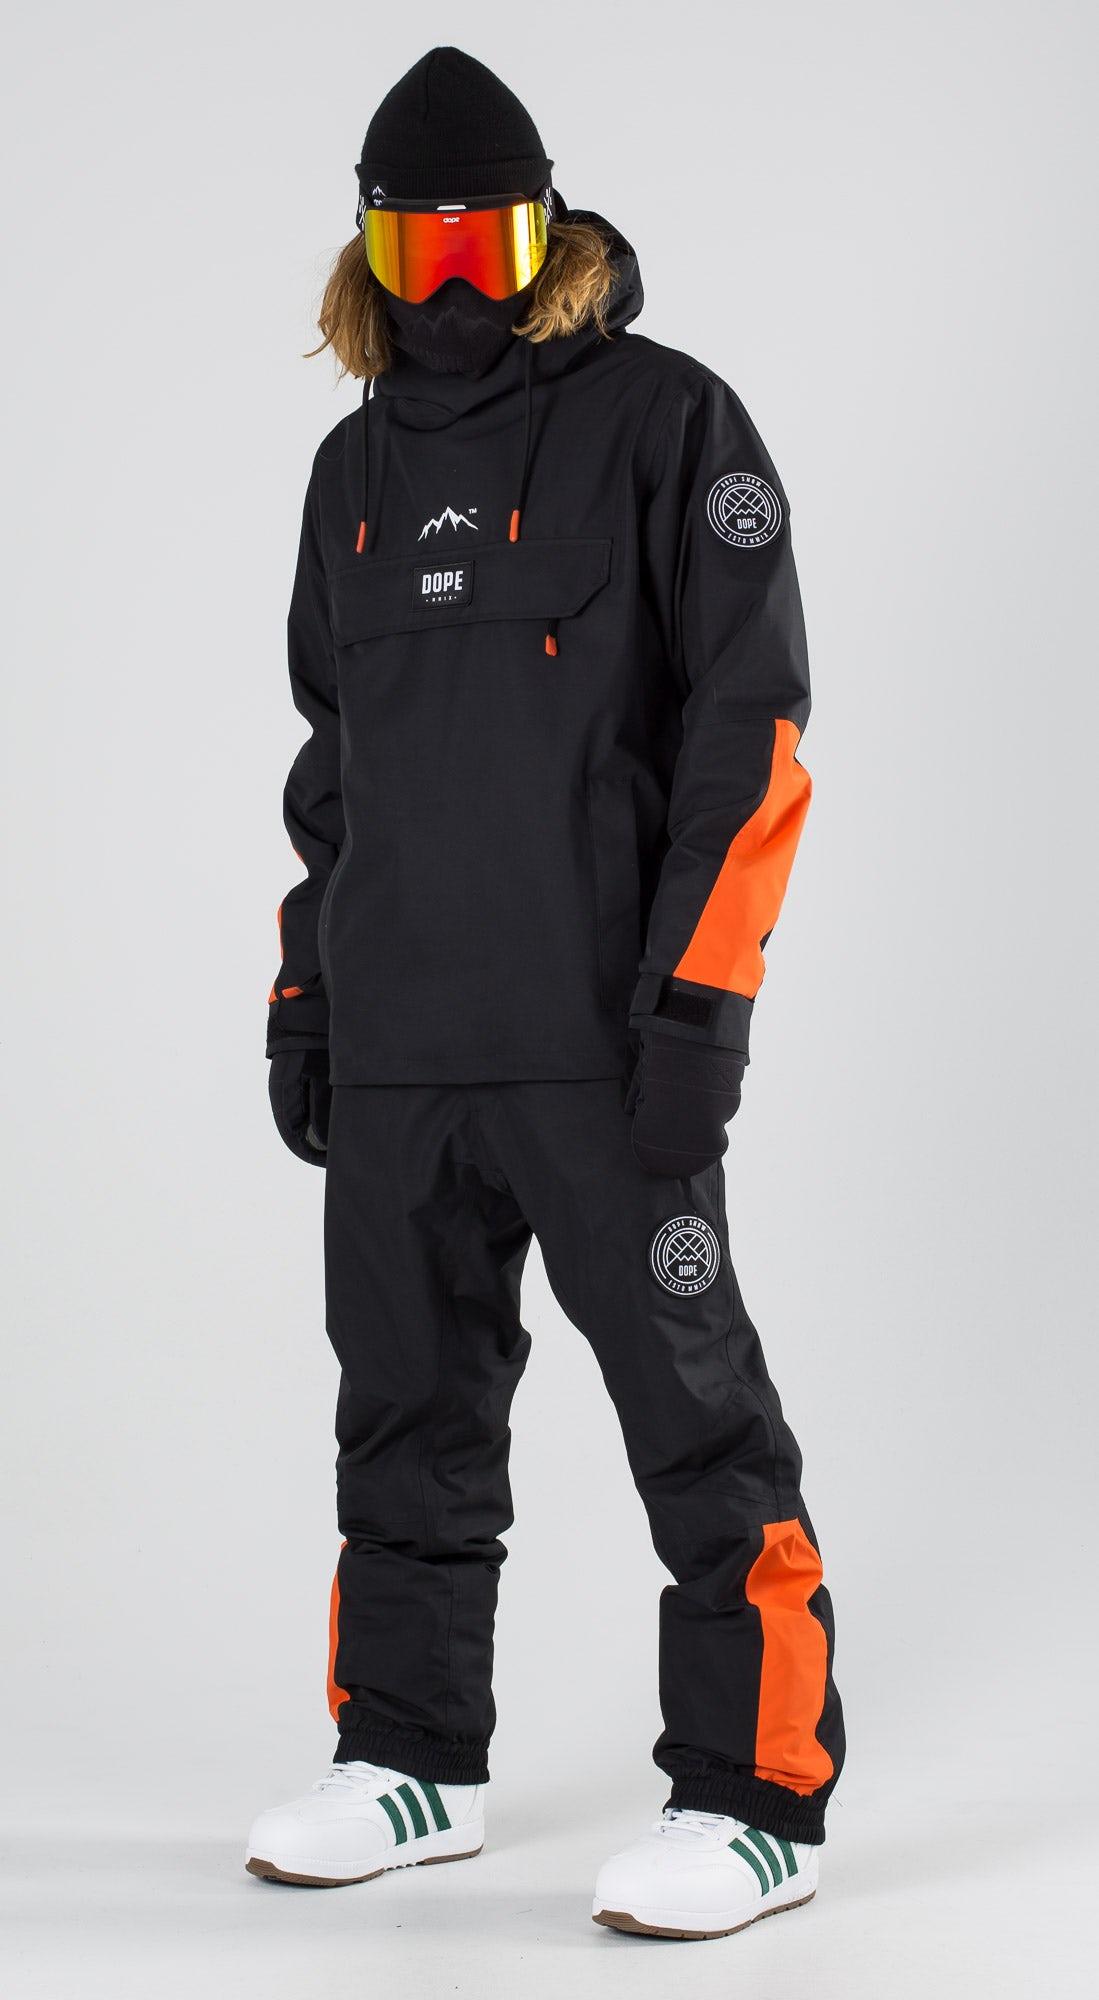 Dope Blizzard LE Black Orange